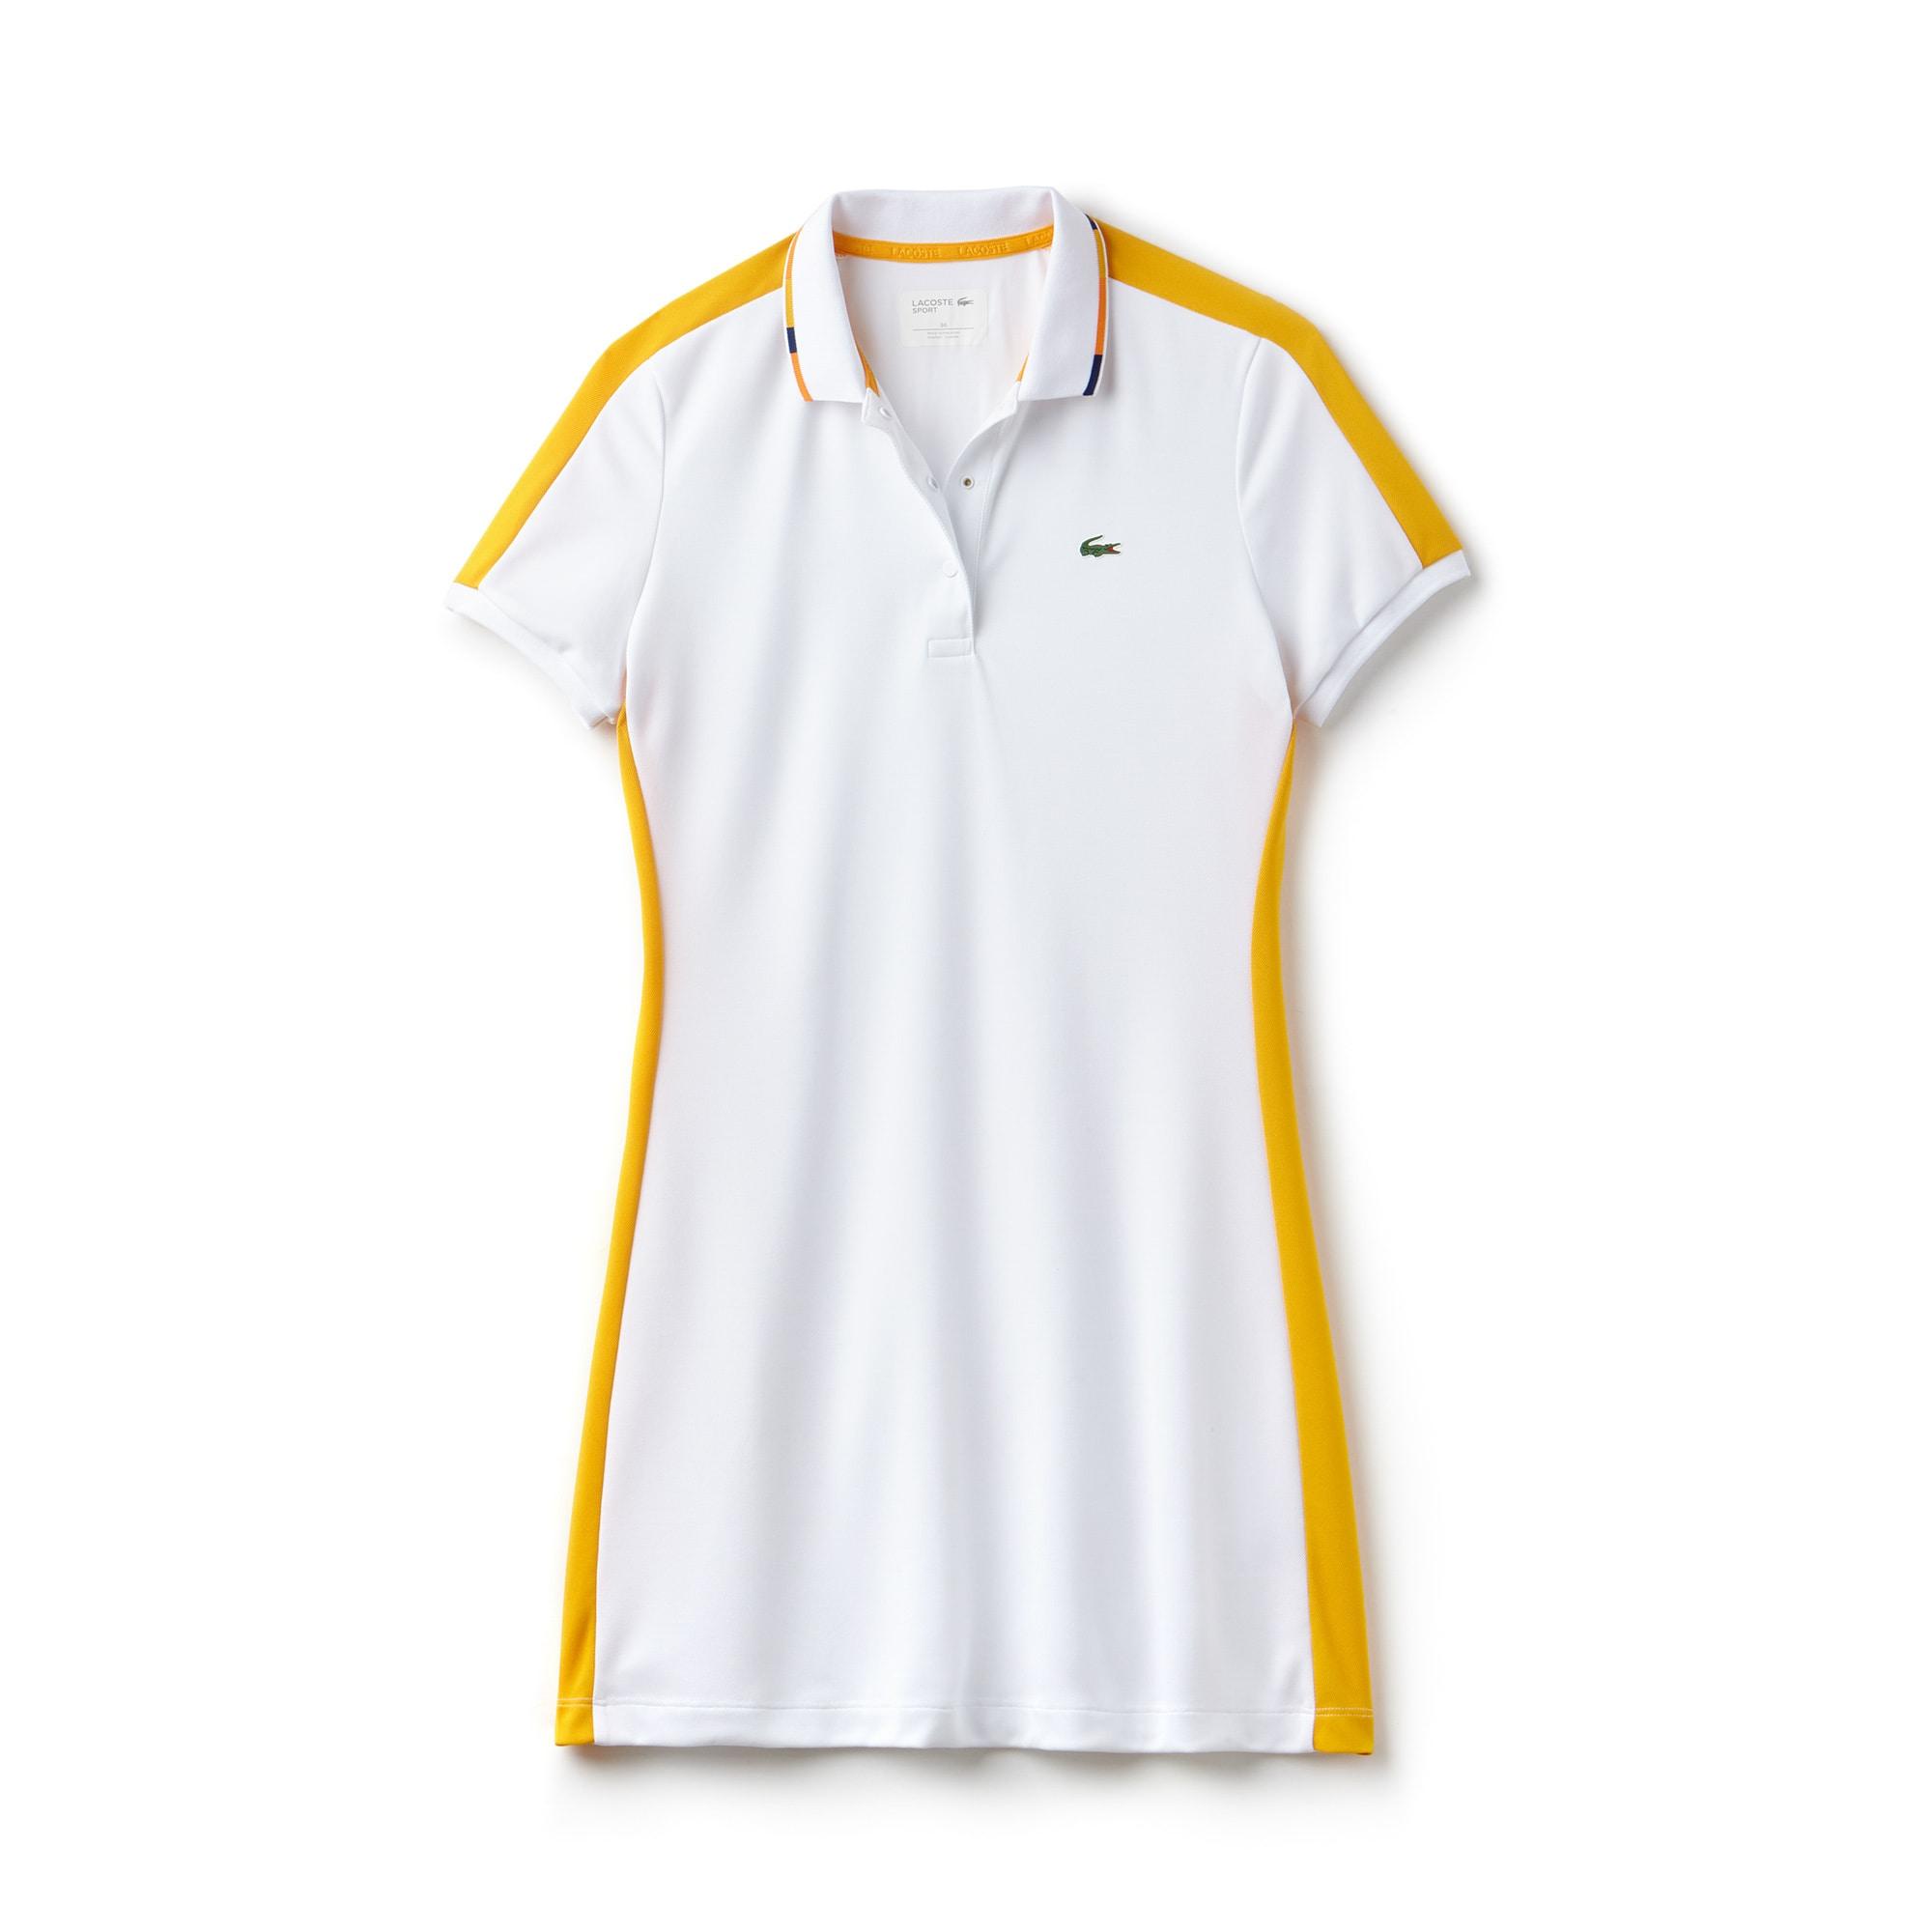 فستان تنس بولو نسائي من لاكوست سبورت بألوان متباينة وبخامة تيكنيكال بيكيه